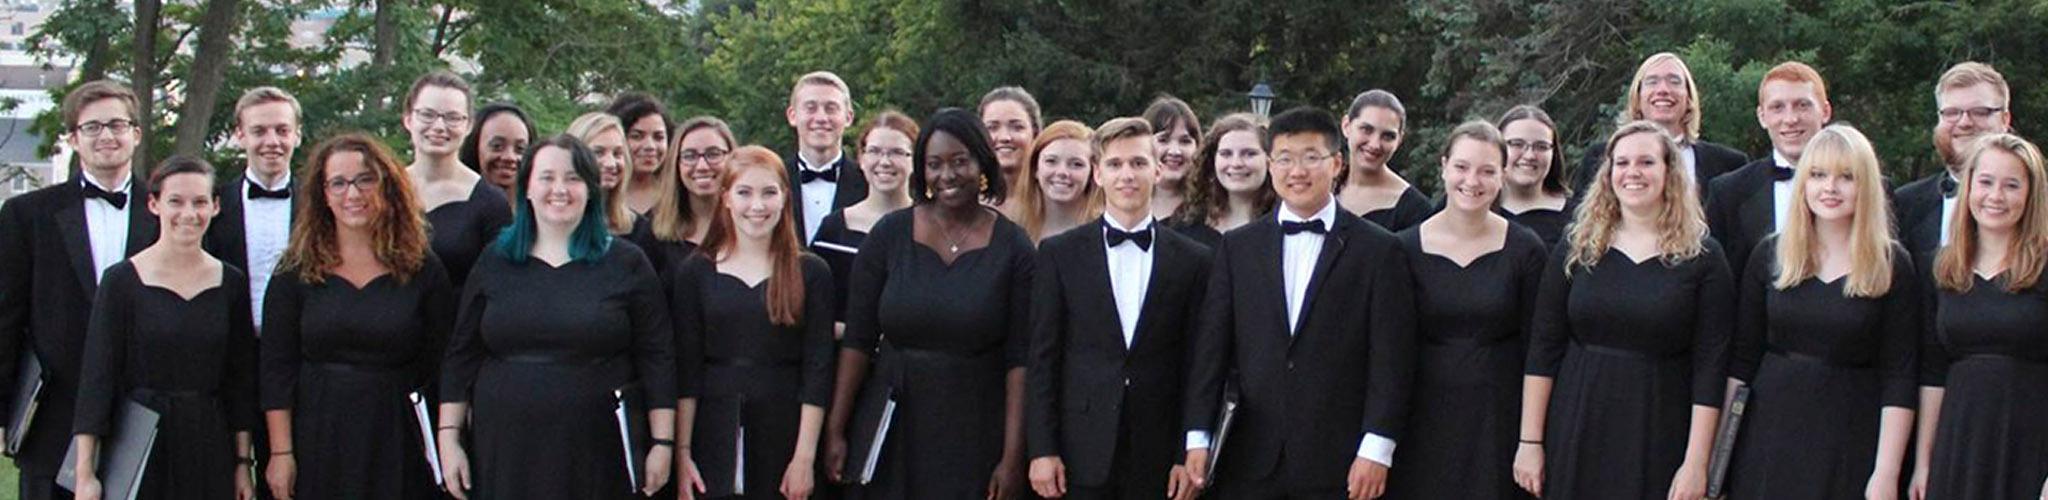 Marquette University Chorus